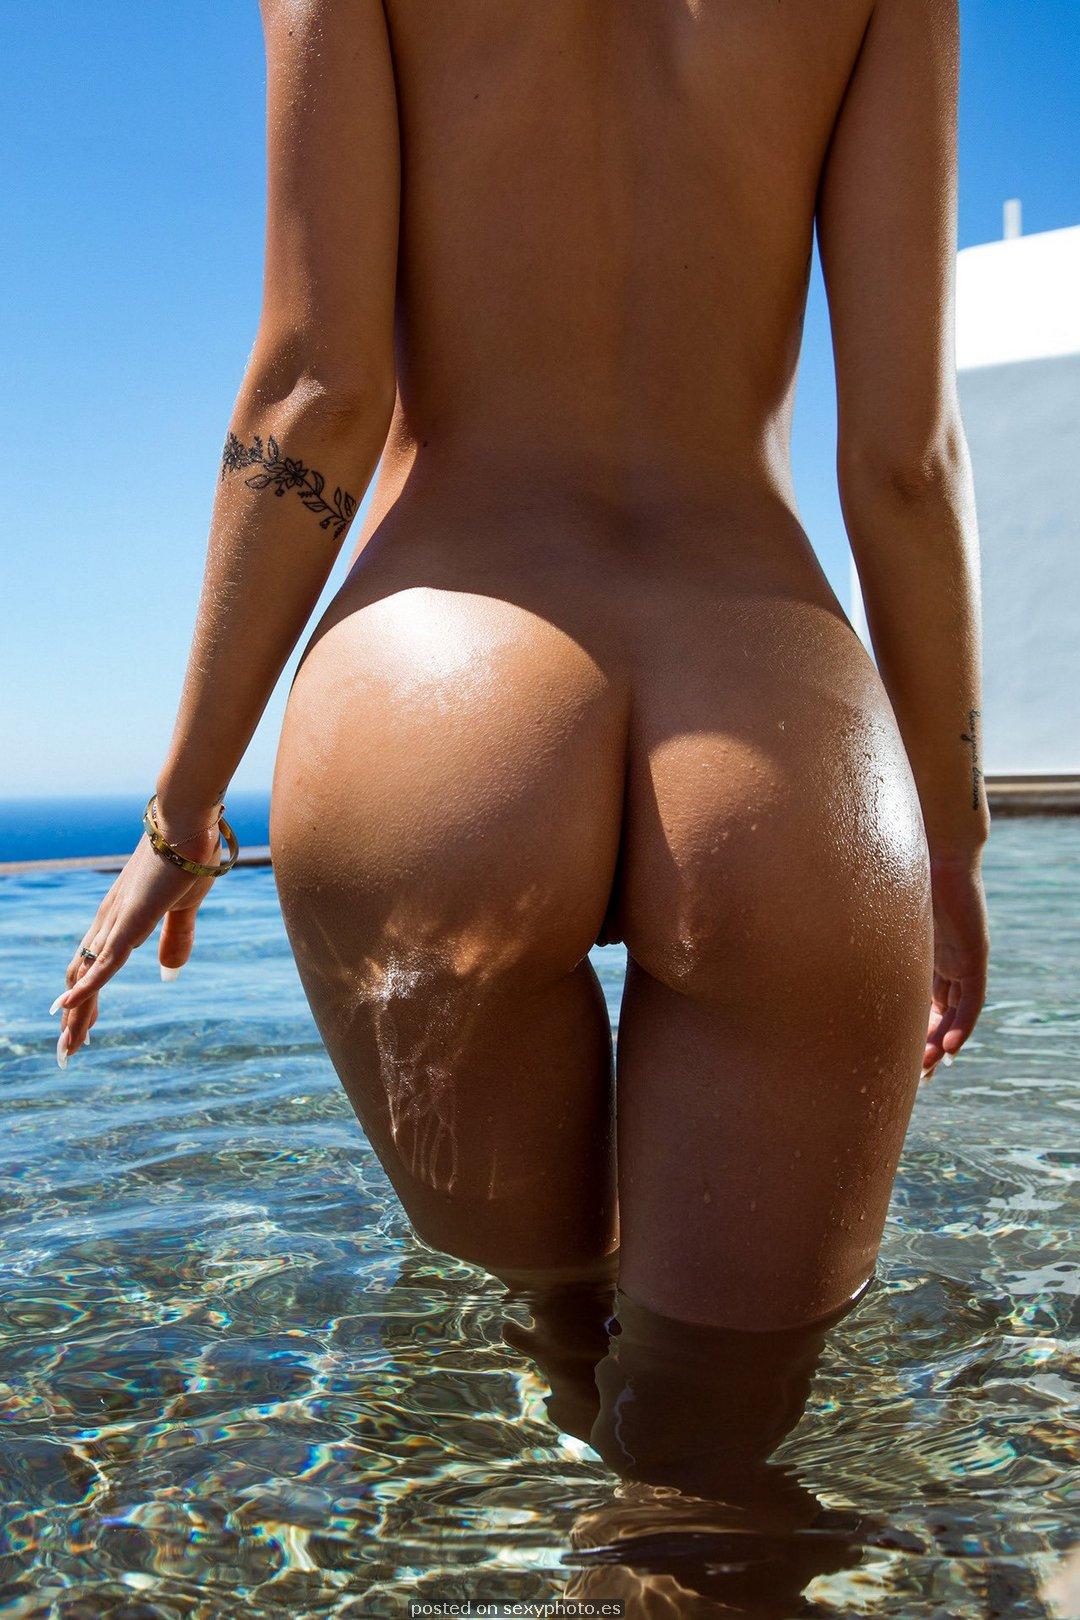 ass nude beach